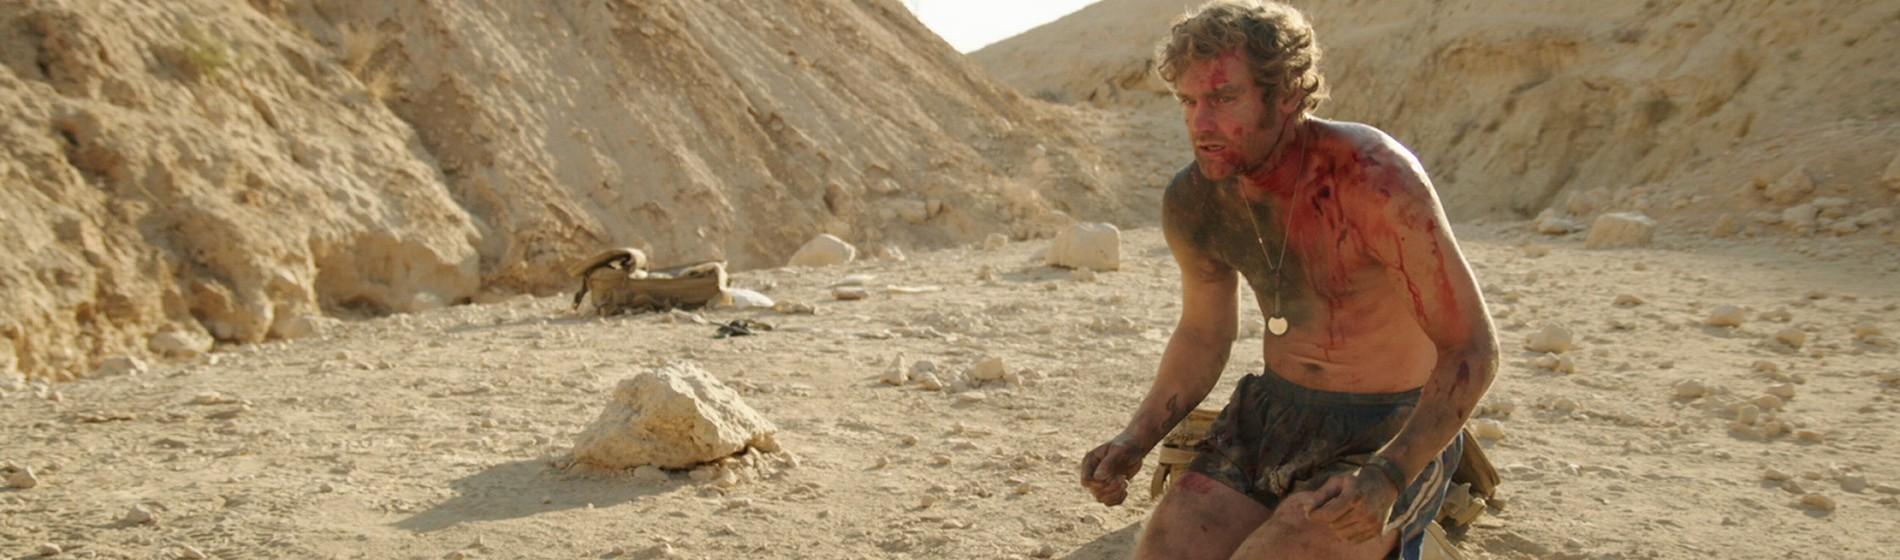 mark stanley actor